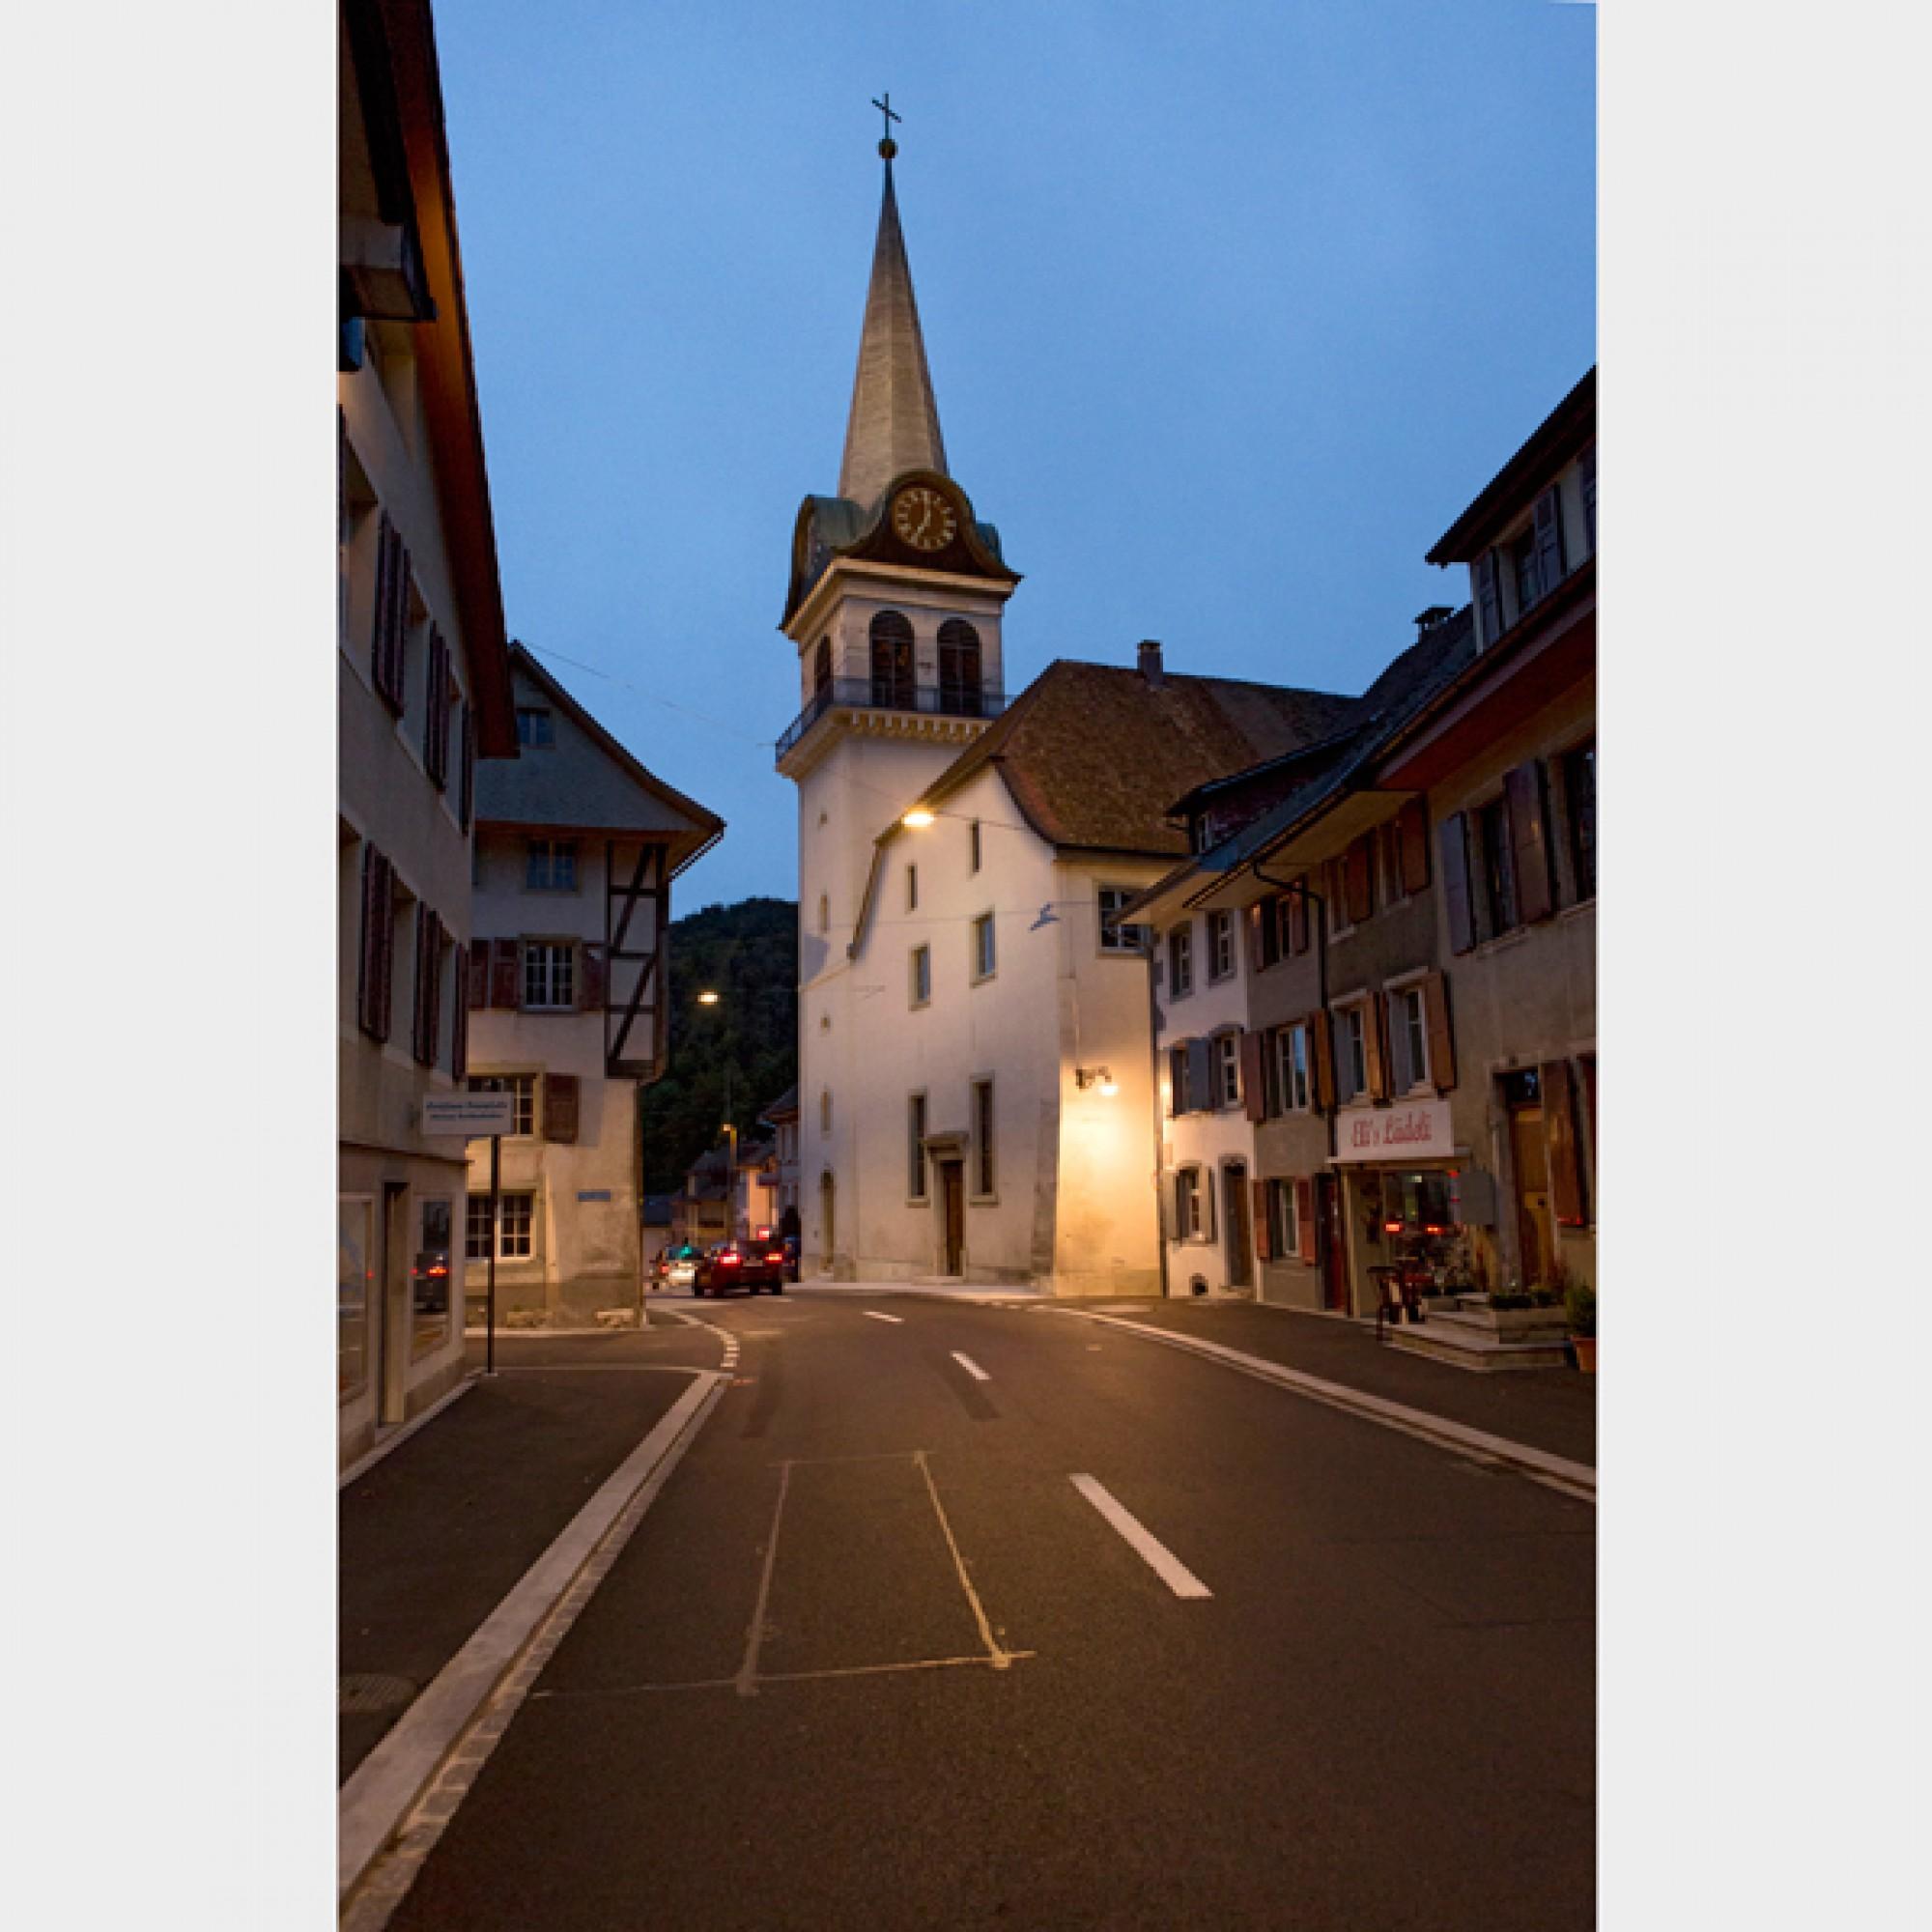 EInzelne Bauten werden extra beleuchtet.  (Ralph Lehner Fotografie, Allschwil / PD)